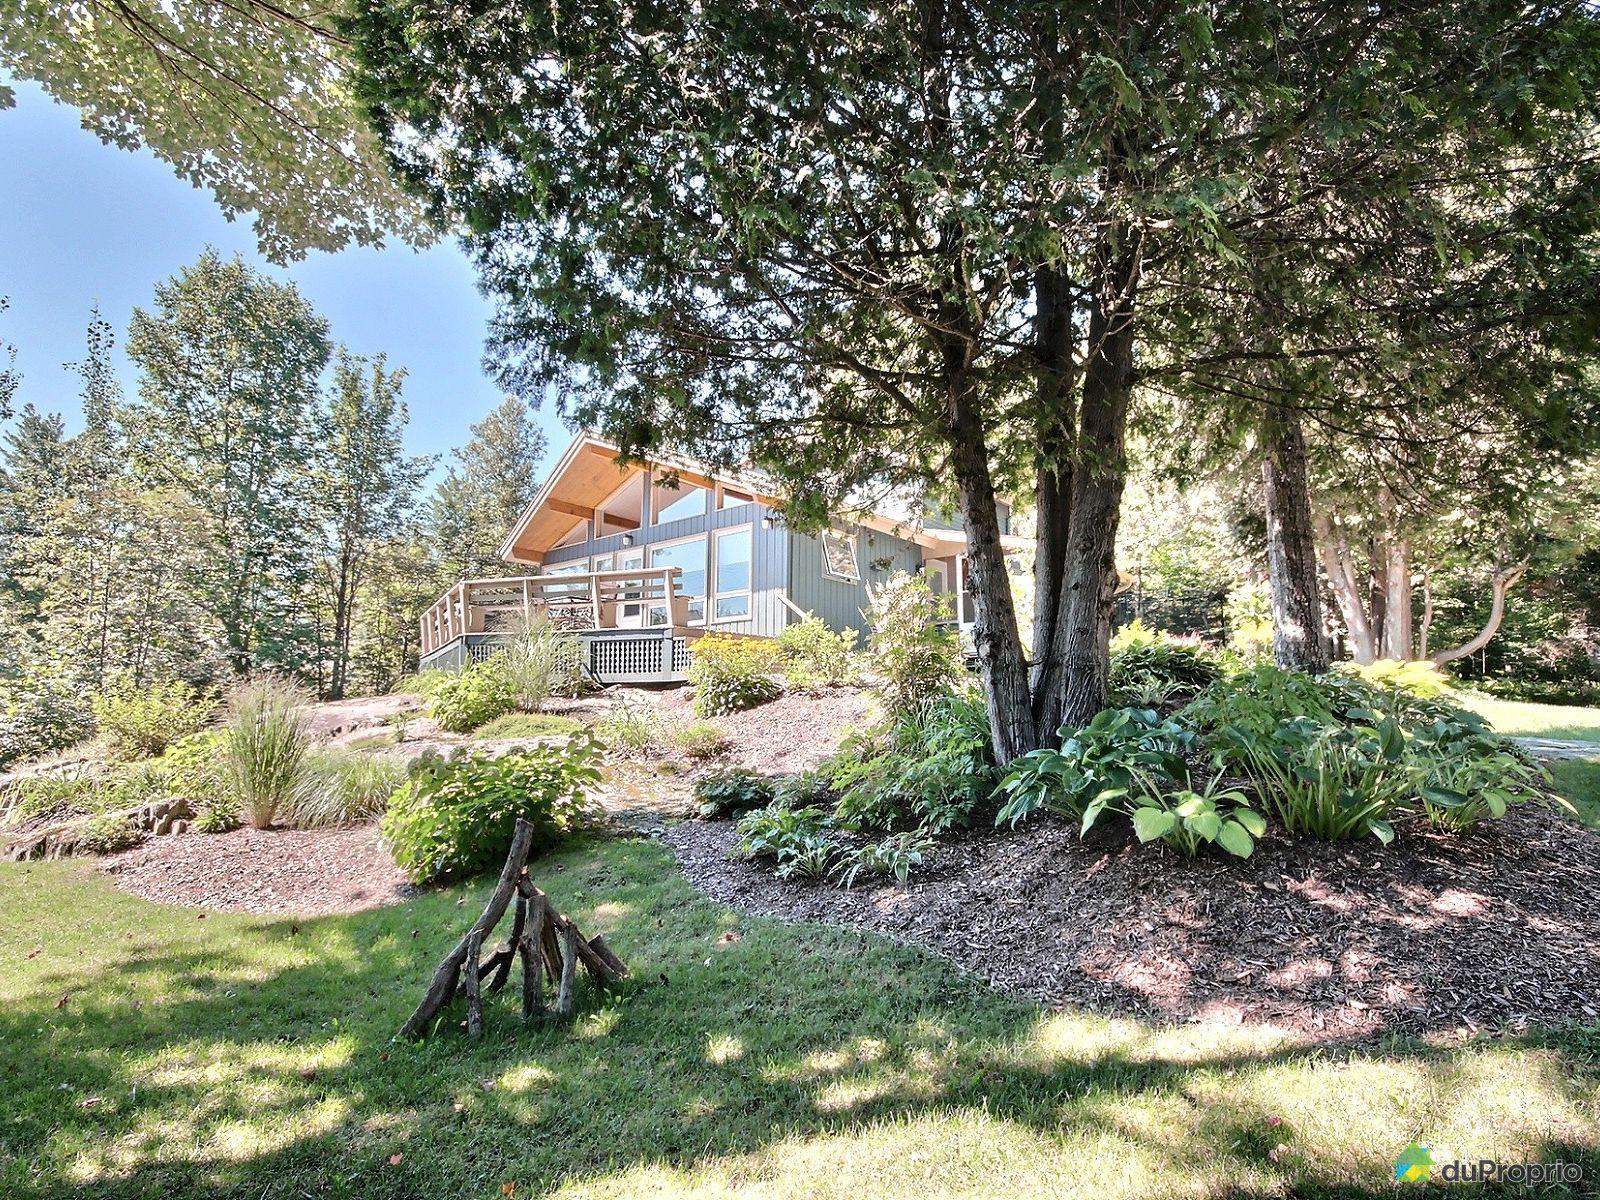 Maison vendre eastman 189 chemin du lac d 39 argent for Amenagement maison de campagne